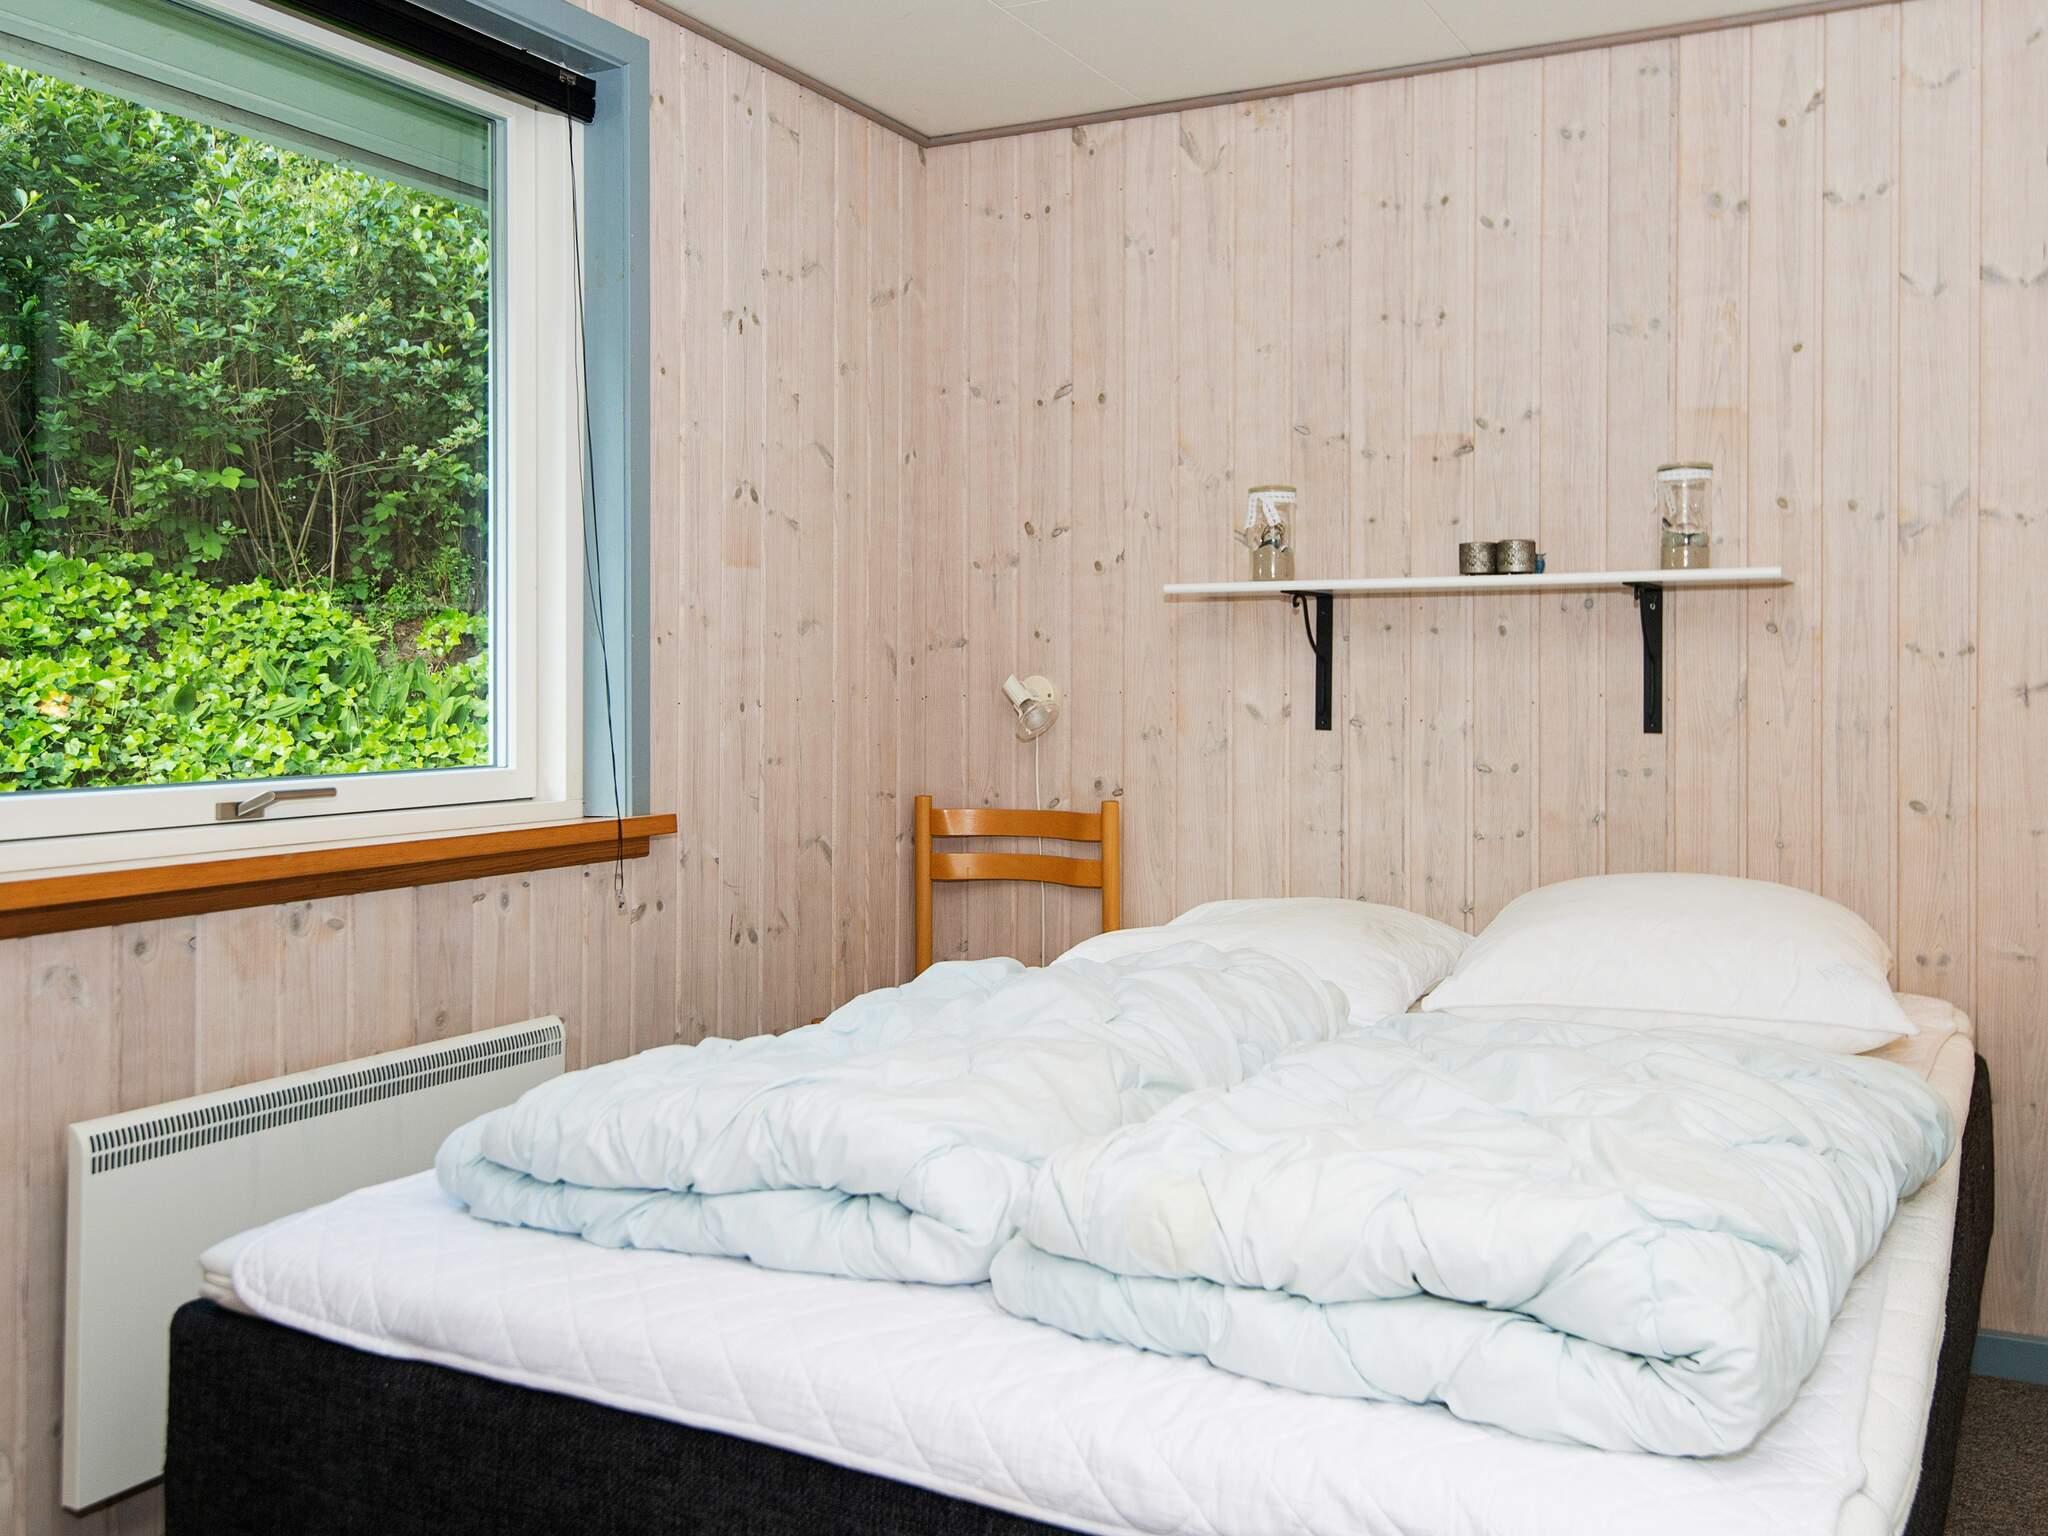 Ferienhaus Hvidbjerg (82128), Hvidbjerg, , Ostjütland, Dänemark, Bild 11